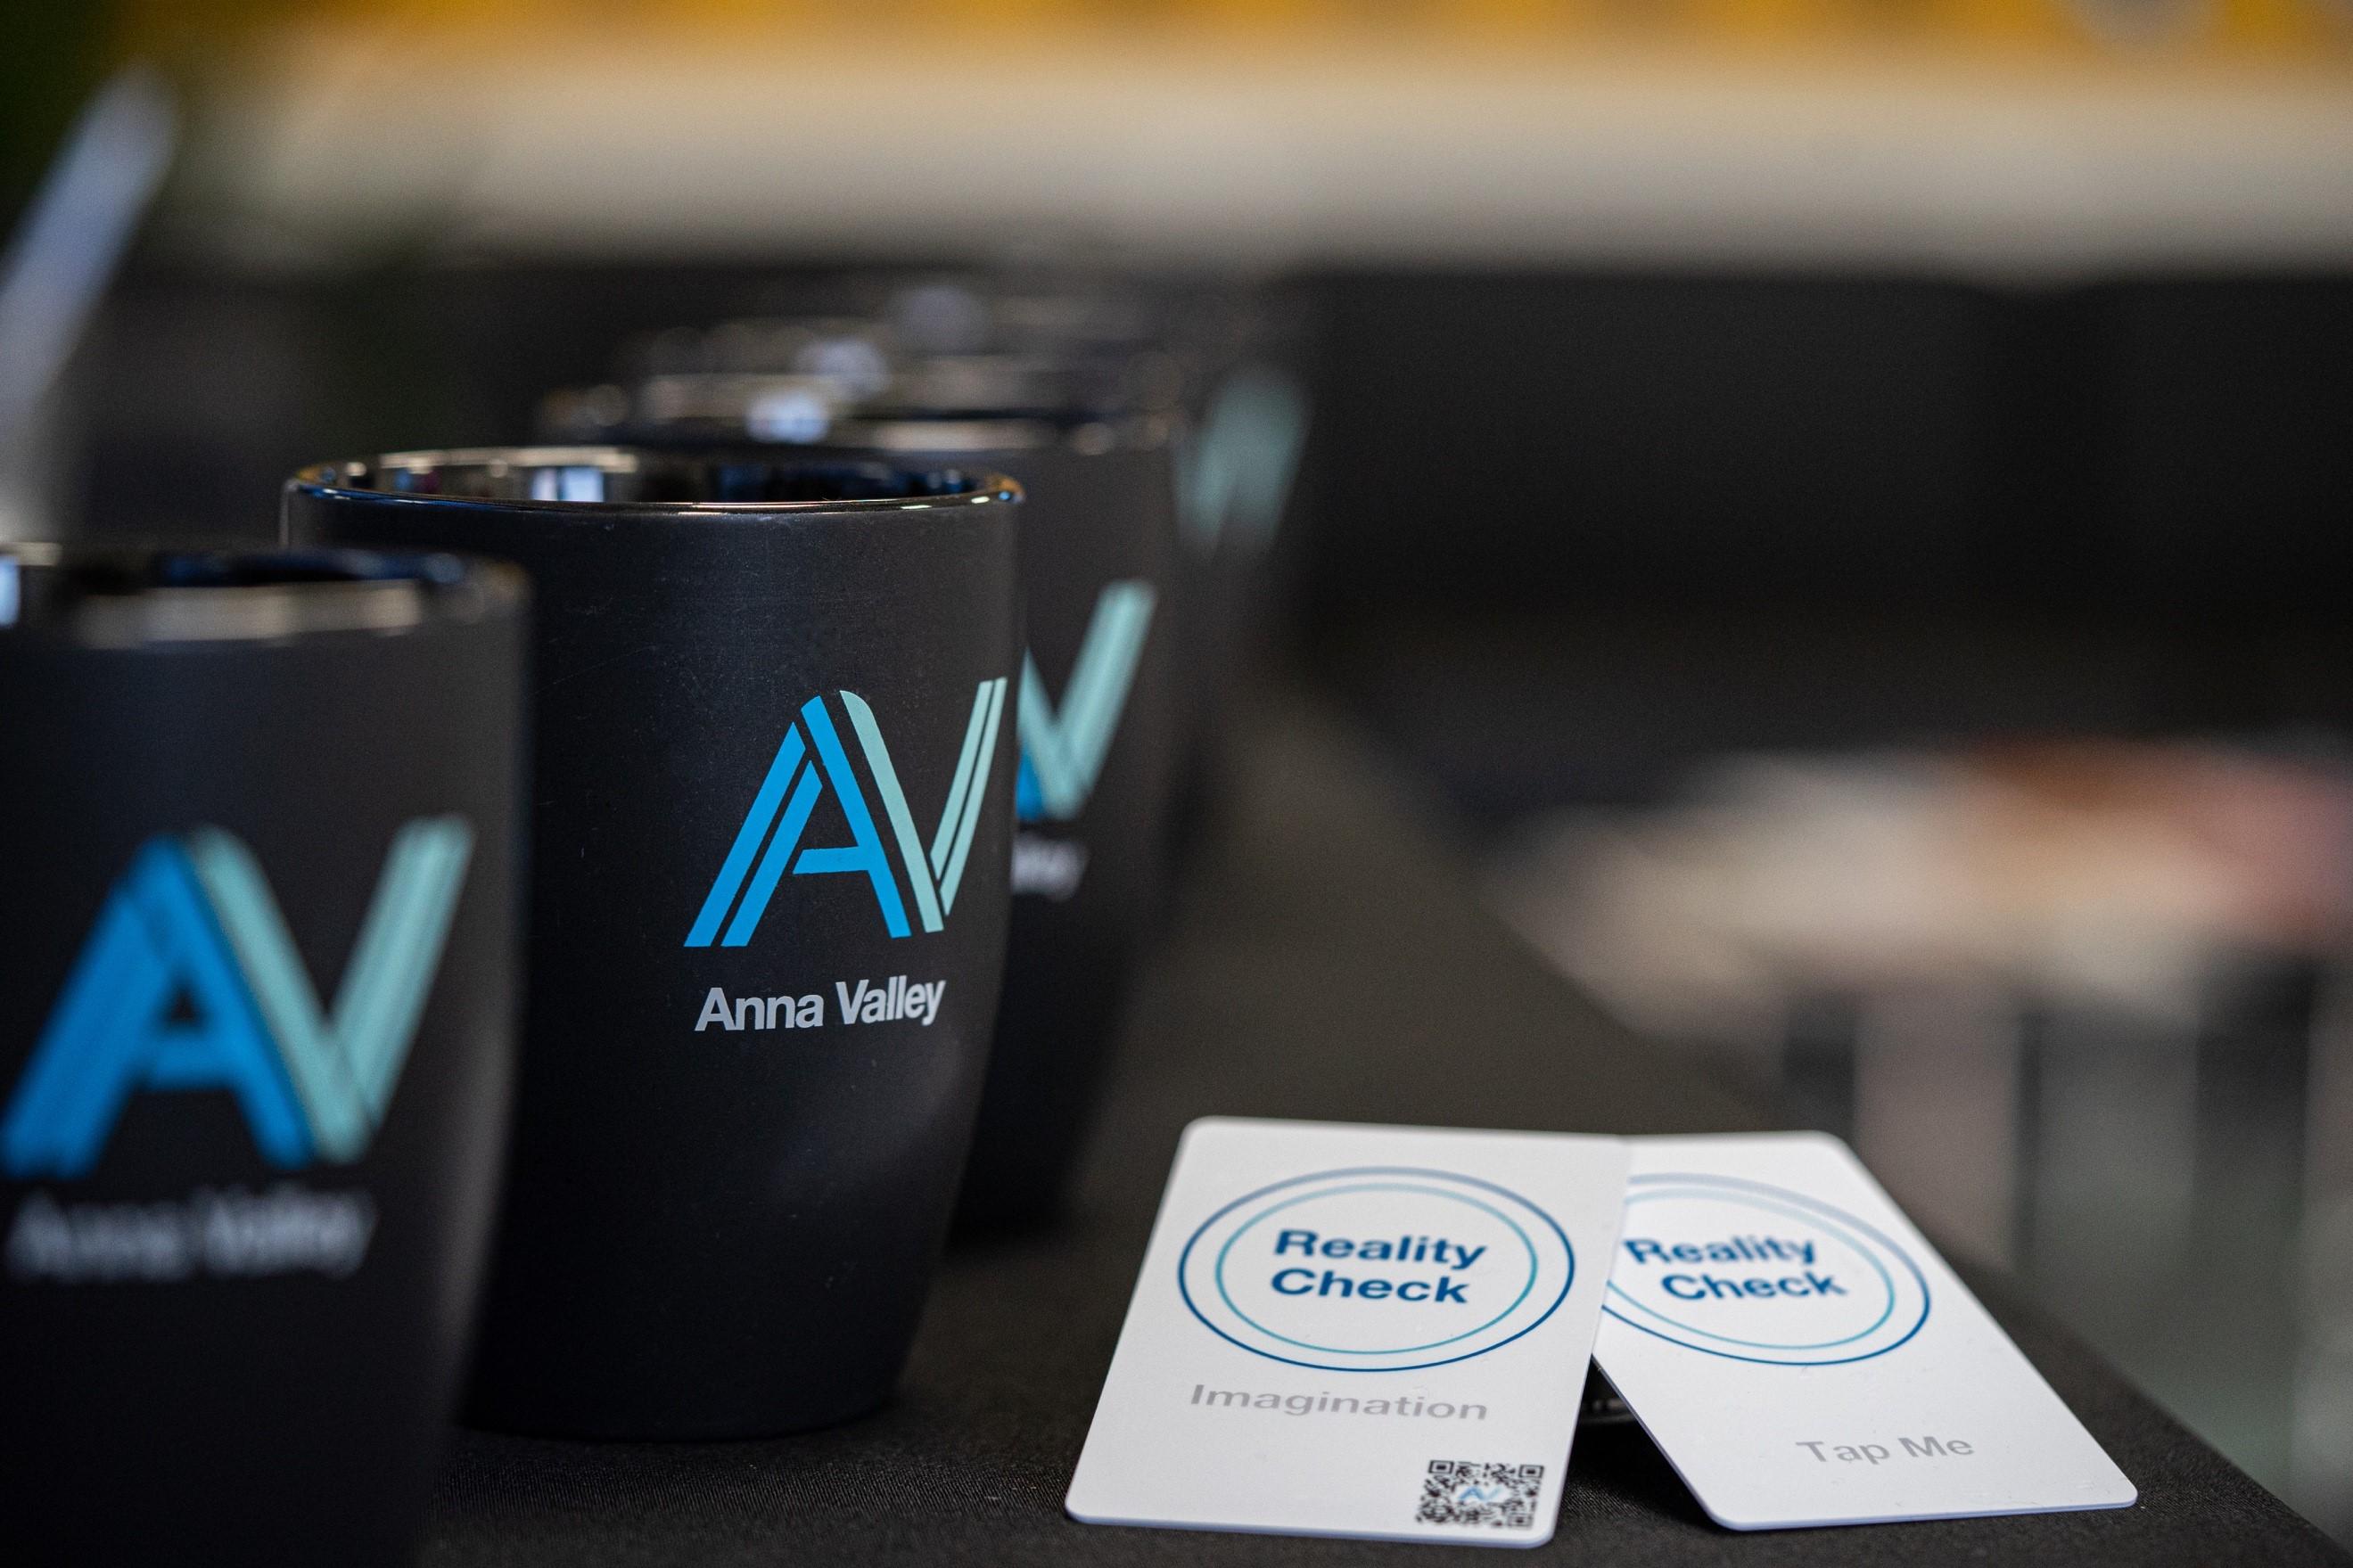 AV mugs